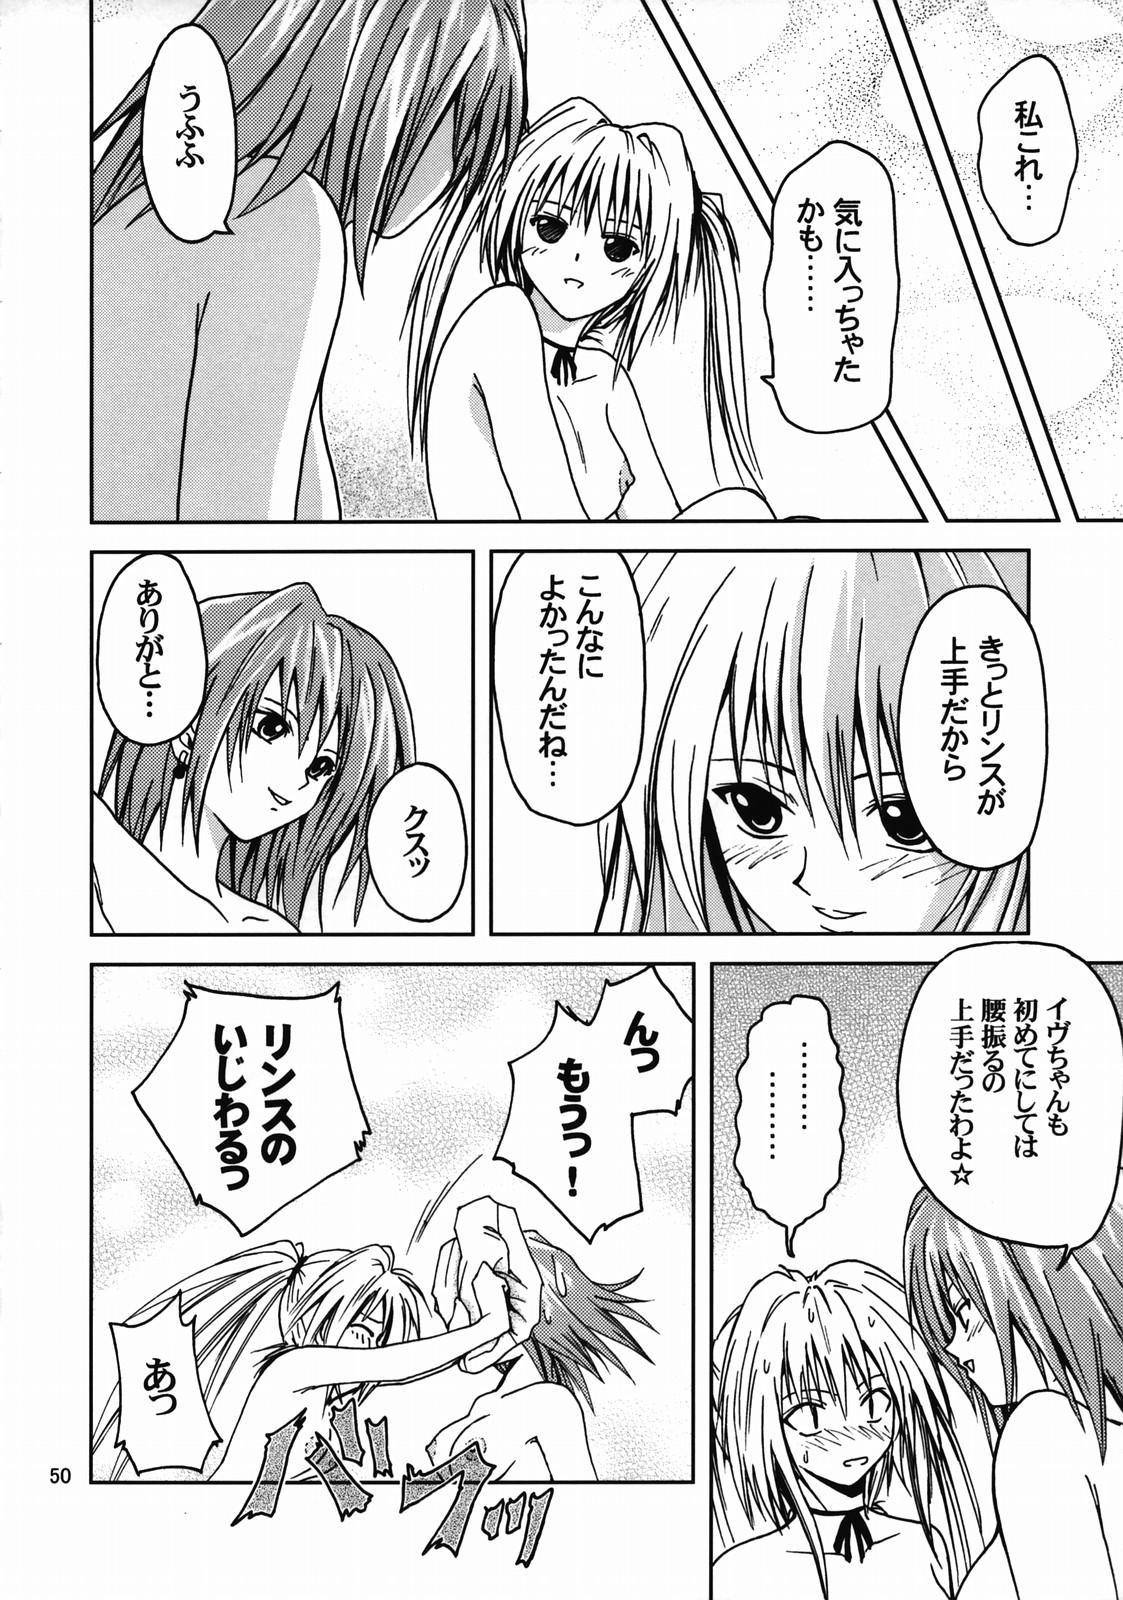 Hime no Kyuujitsu 48